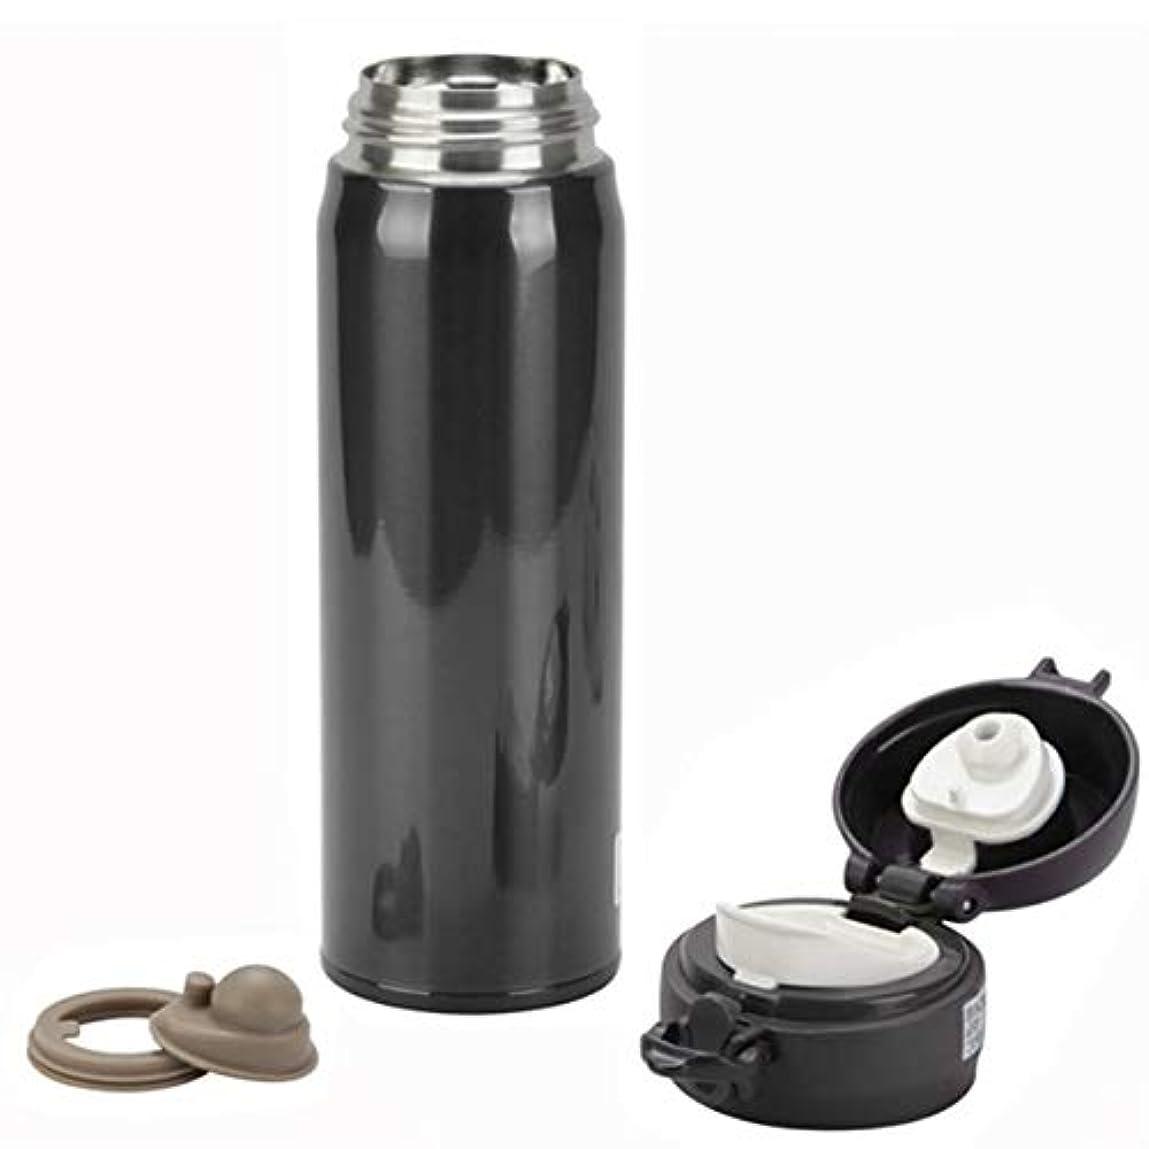 剥ぎ取る同性愛者クラッシュSaikogoods 真空カップ 450ミリリットル ステンレス鋼 ウォーターボトル 飲料ボトル 断熱カップ ポットを保つ運動をする ソリッドカラー シンプルなデザイン 黒